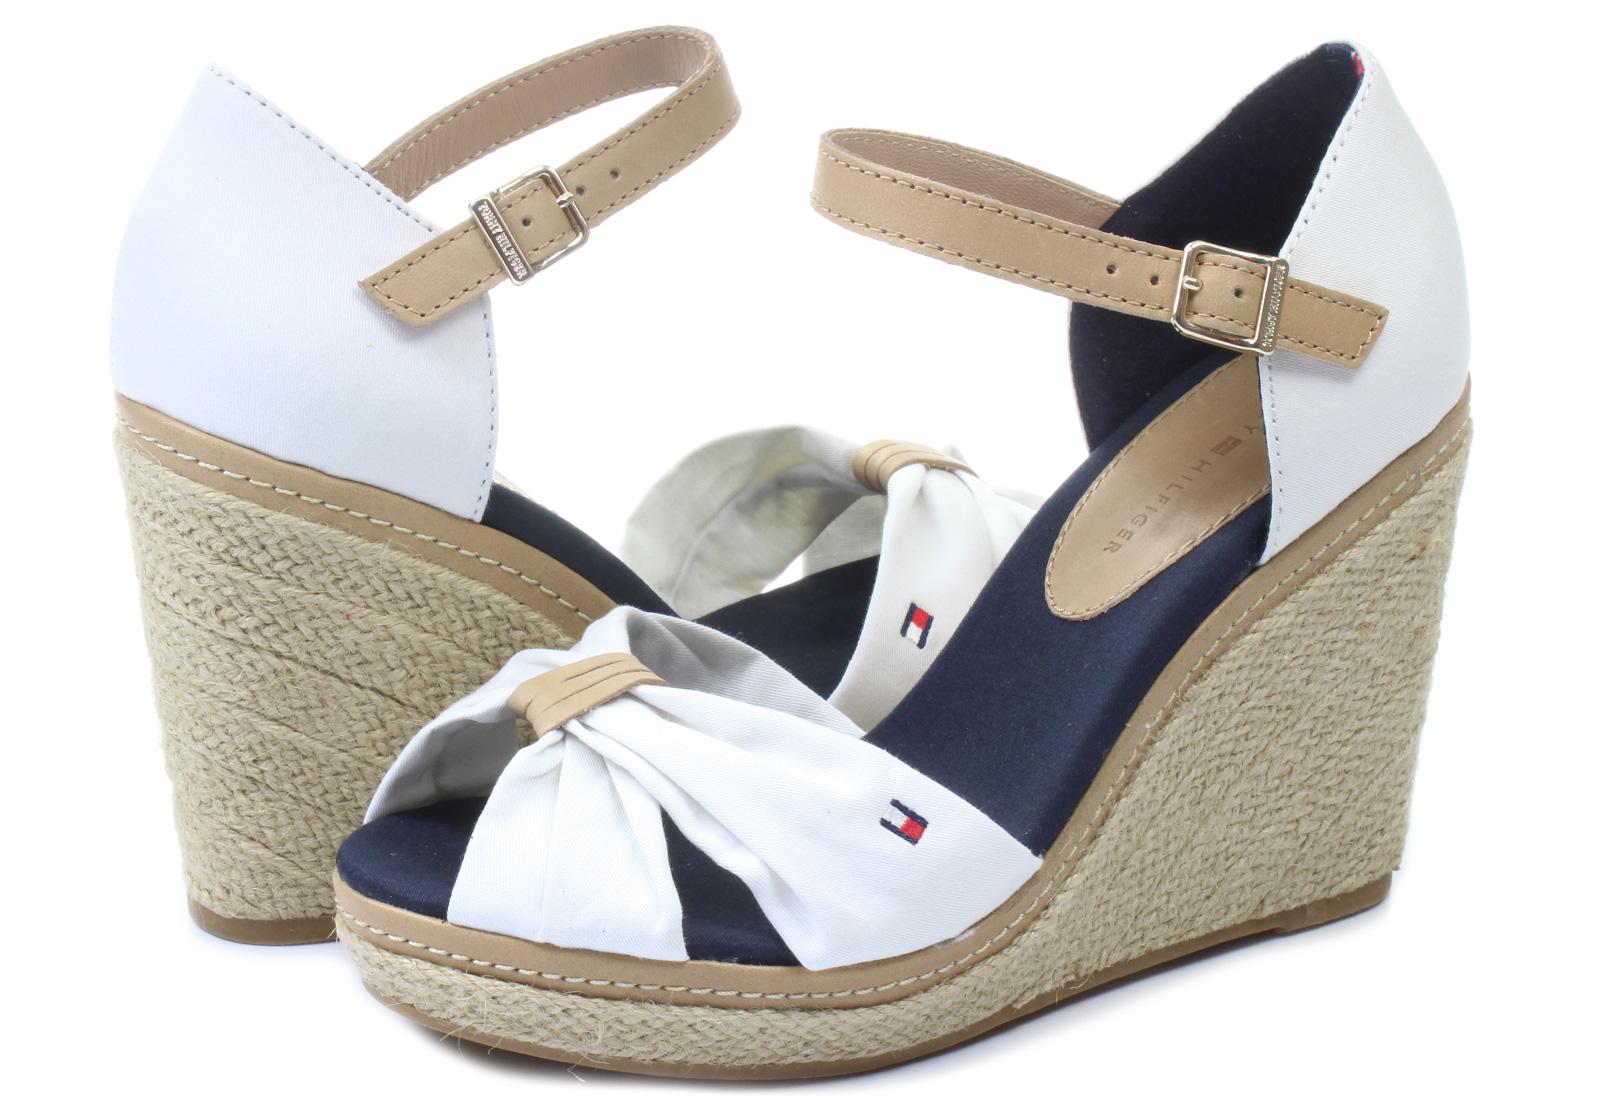 tommy hilfiger sandals emery 54d 14s 6770 100 online. Black Bedroom Furniture Sets. Home Design Ideas